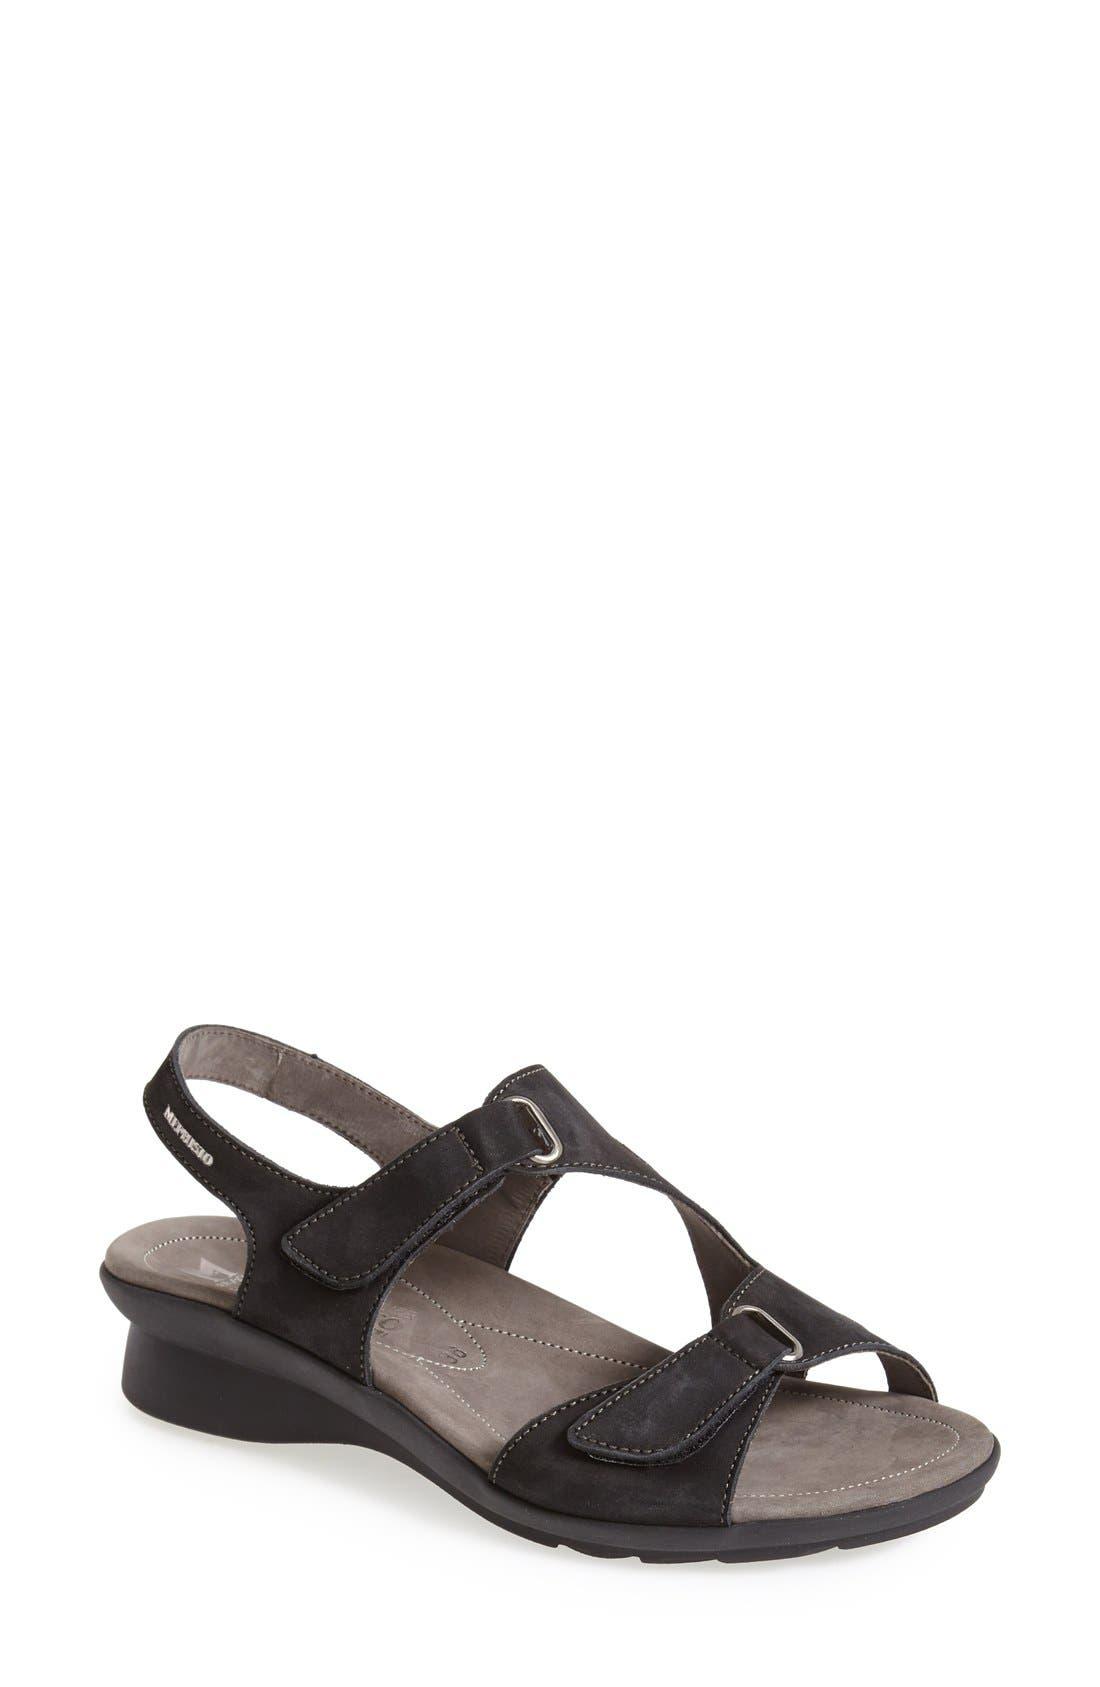 MEPHISTO, 'Paris' Slingback Sandal, Main thumbnail 1, color, BLACK